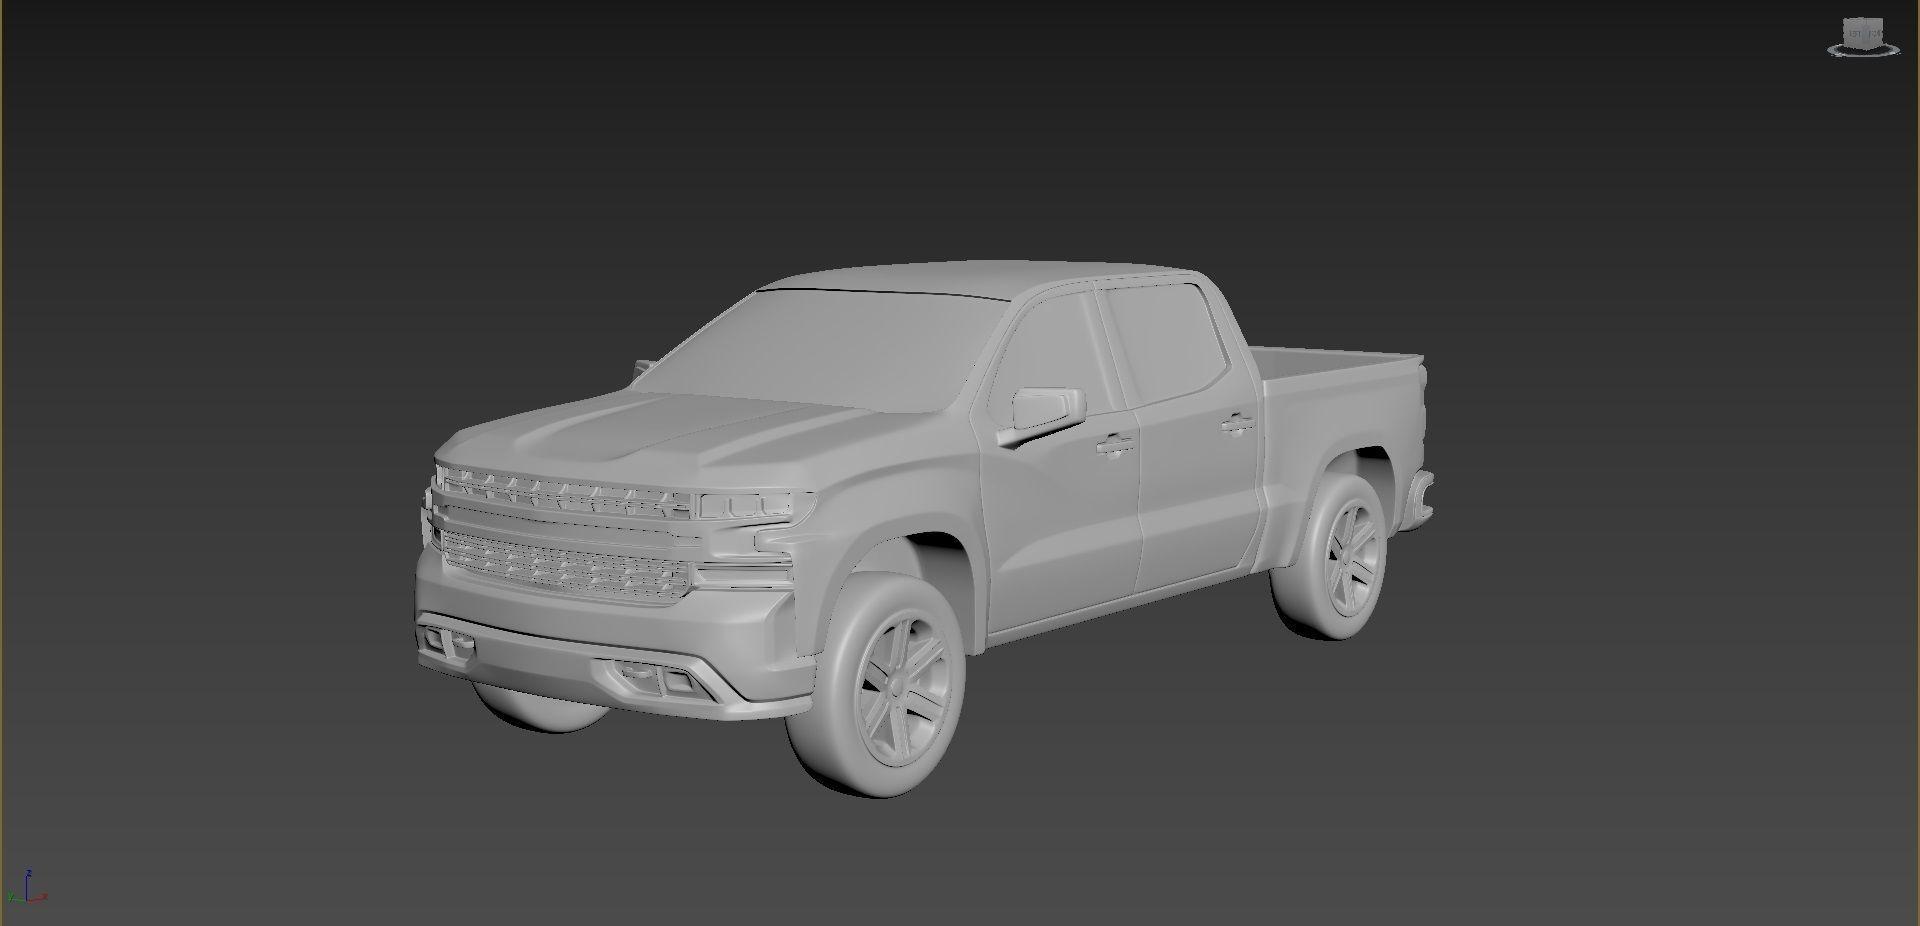 Chevrolet Silverado 2020 on a small scale